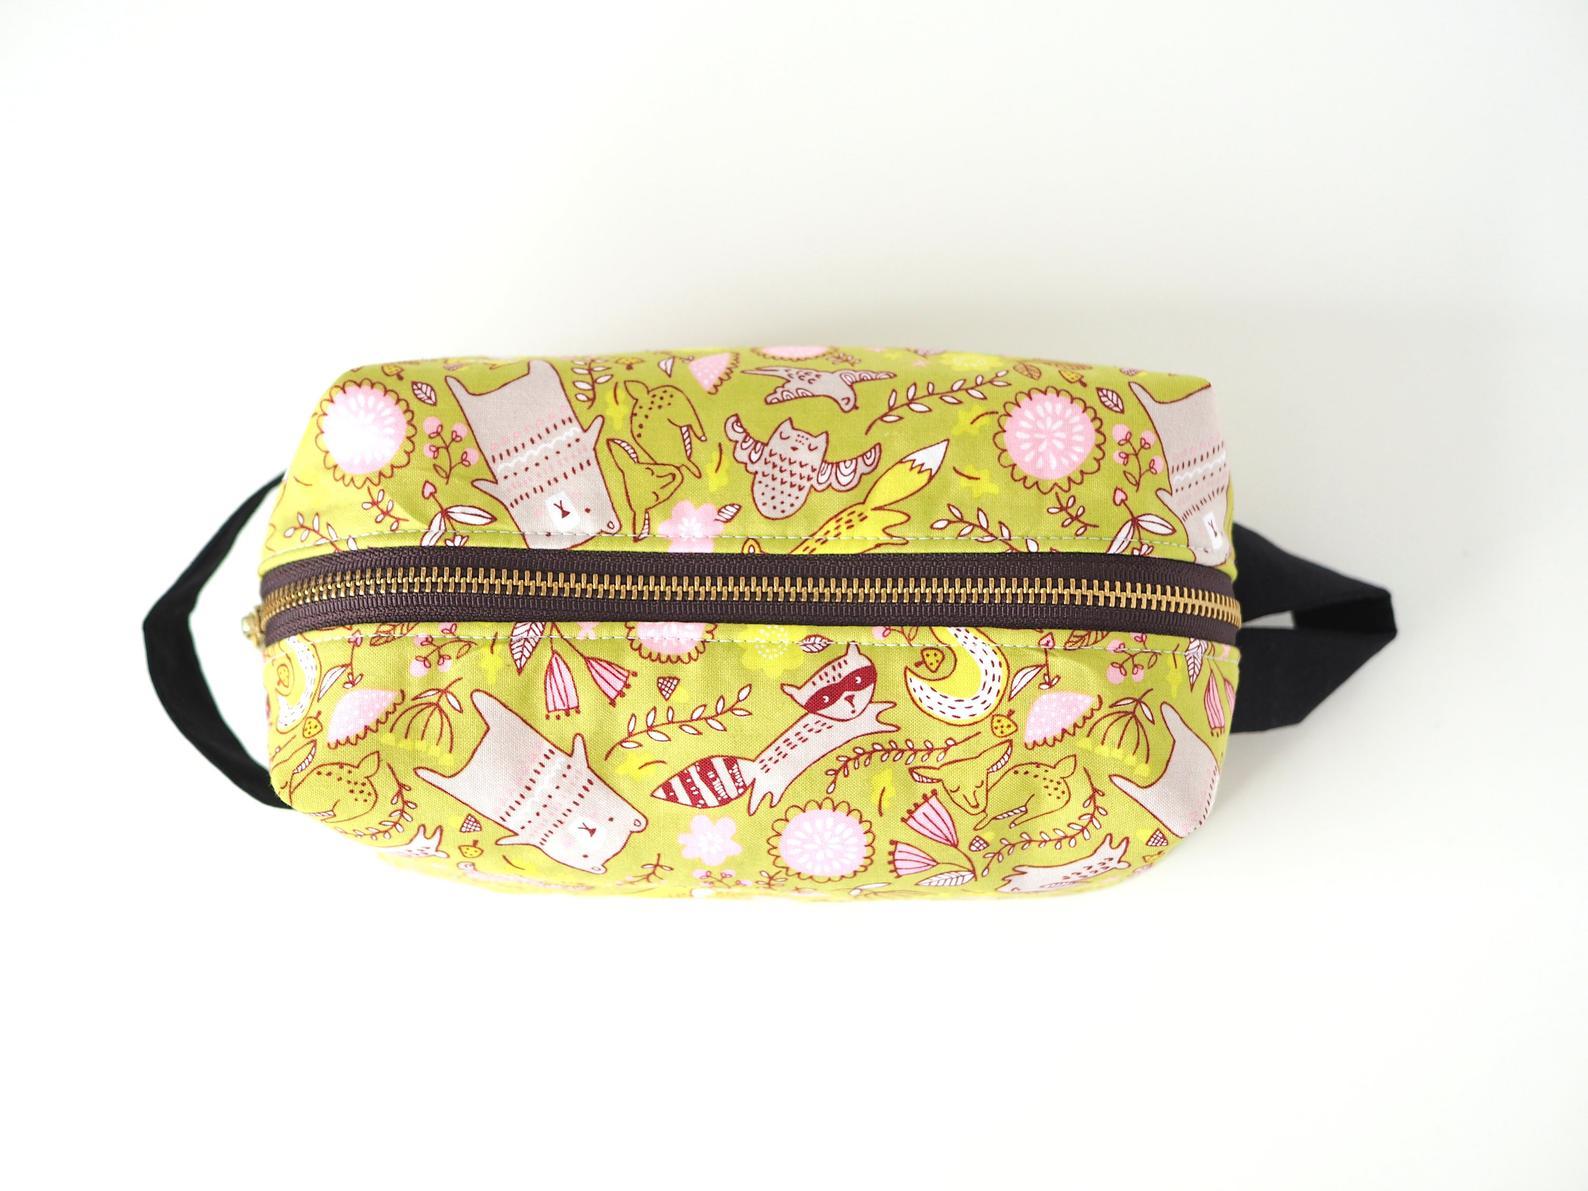 best gifts for kids 2020 critter zipper pouch